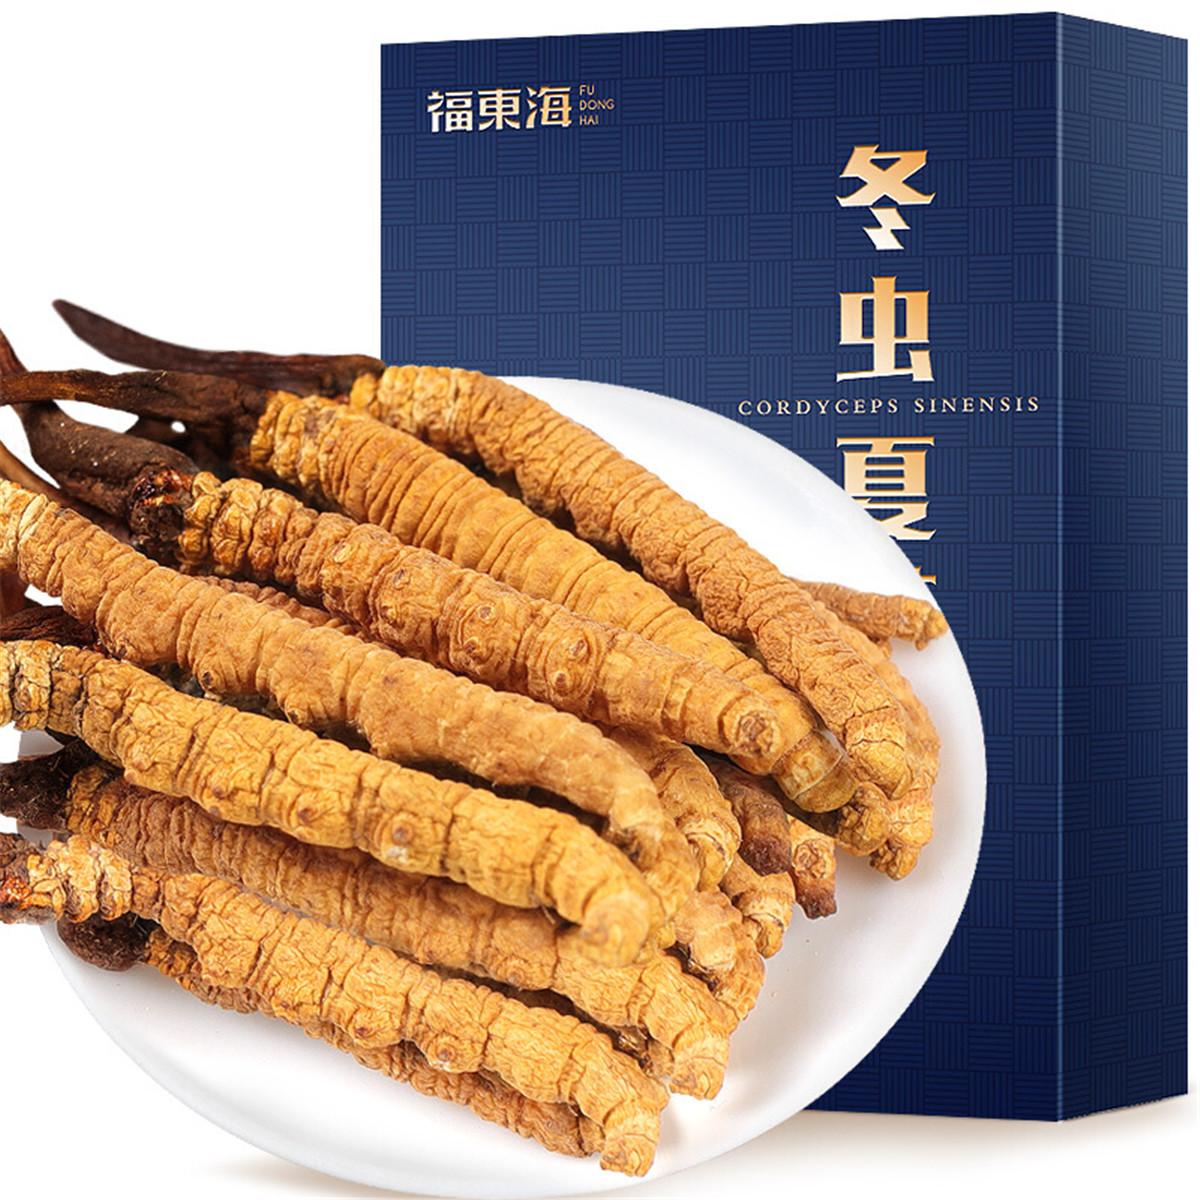 福东海冬虫夏草 虫草 青海玉树高海拔雪山 4条每克一级品质1g装COLOR冬虫夏草